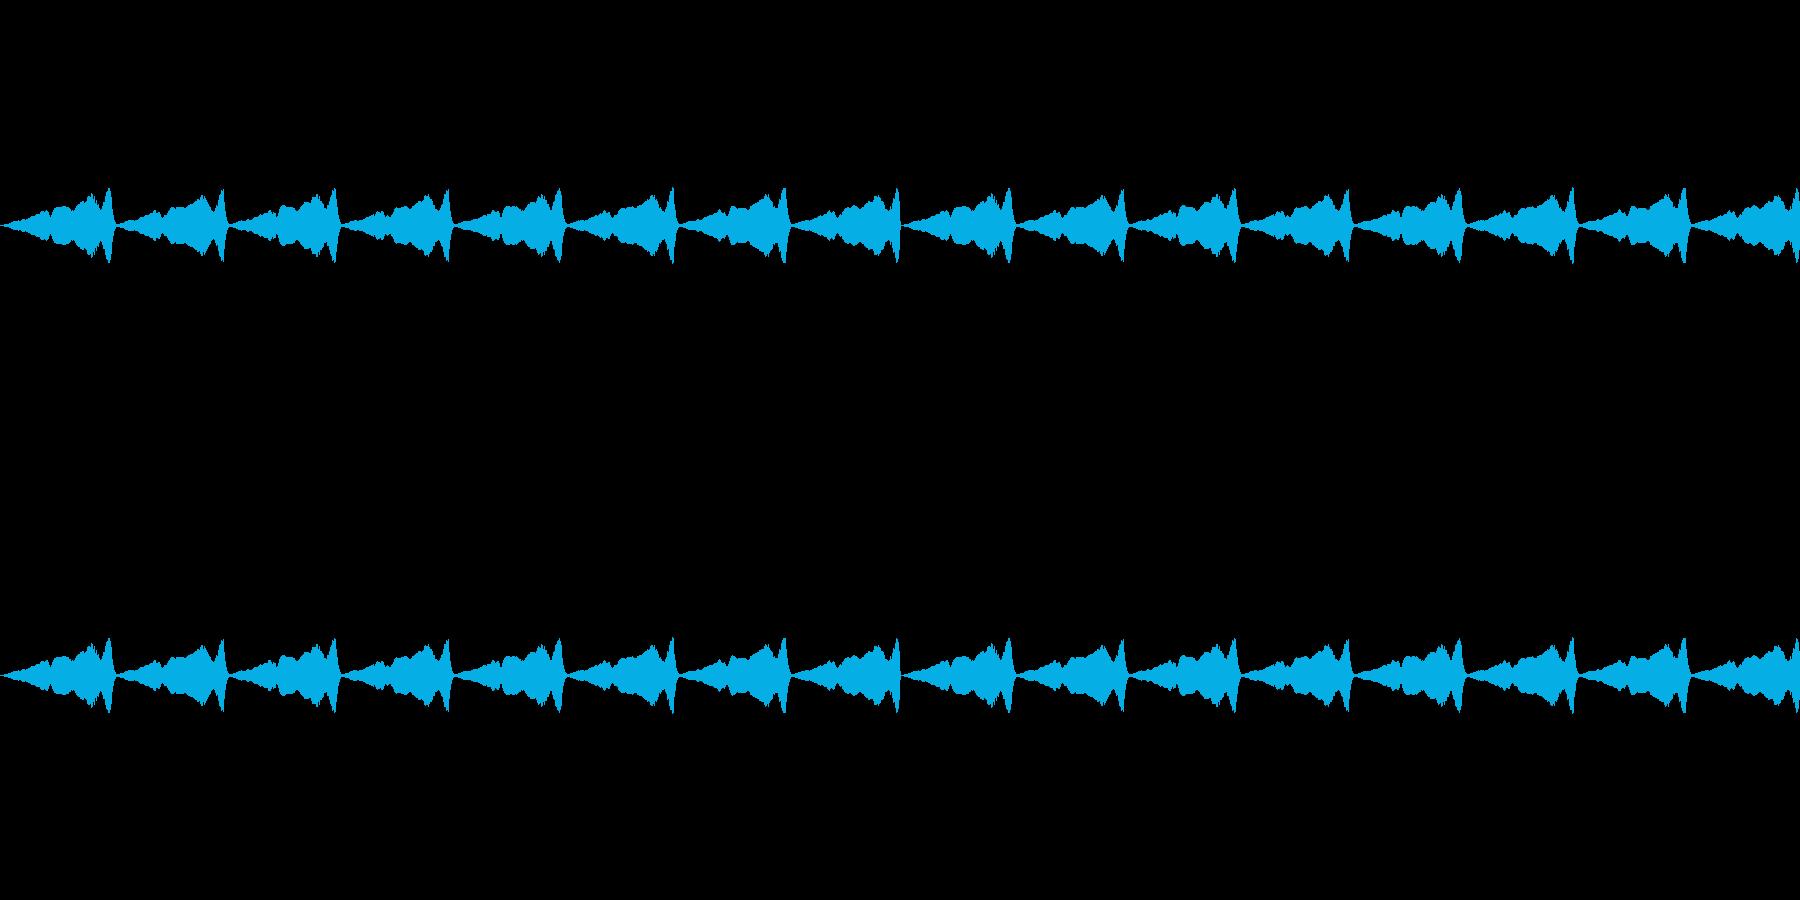 くすぐるような効果音_その2の再生済みの波形